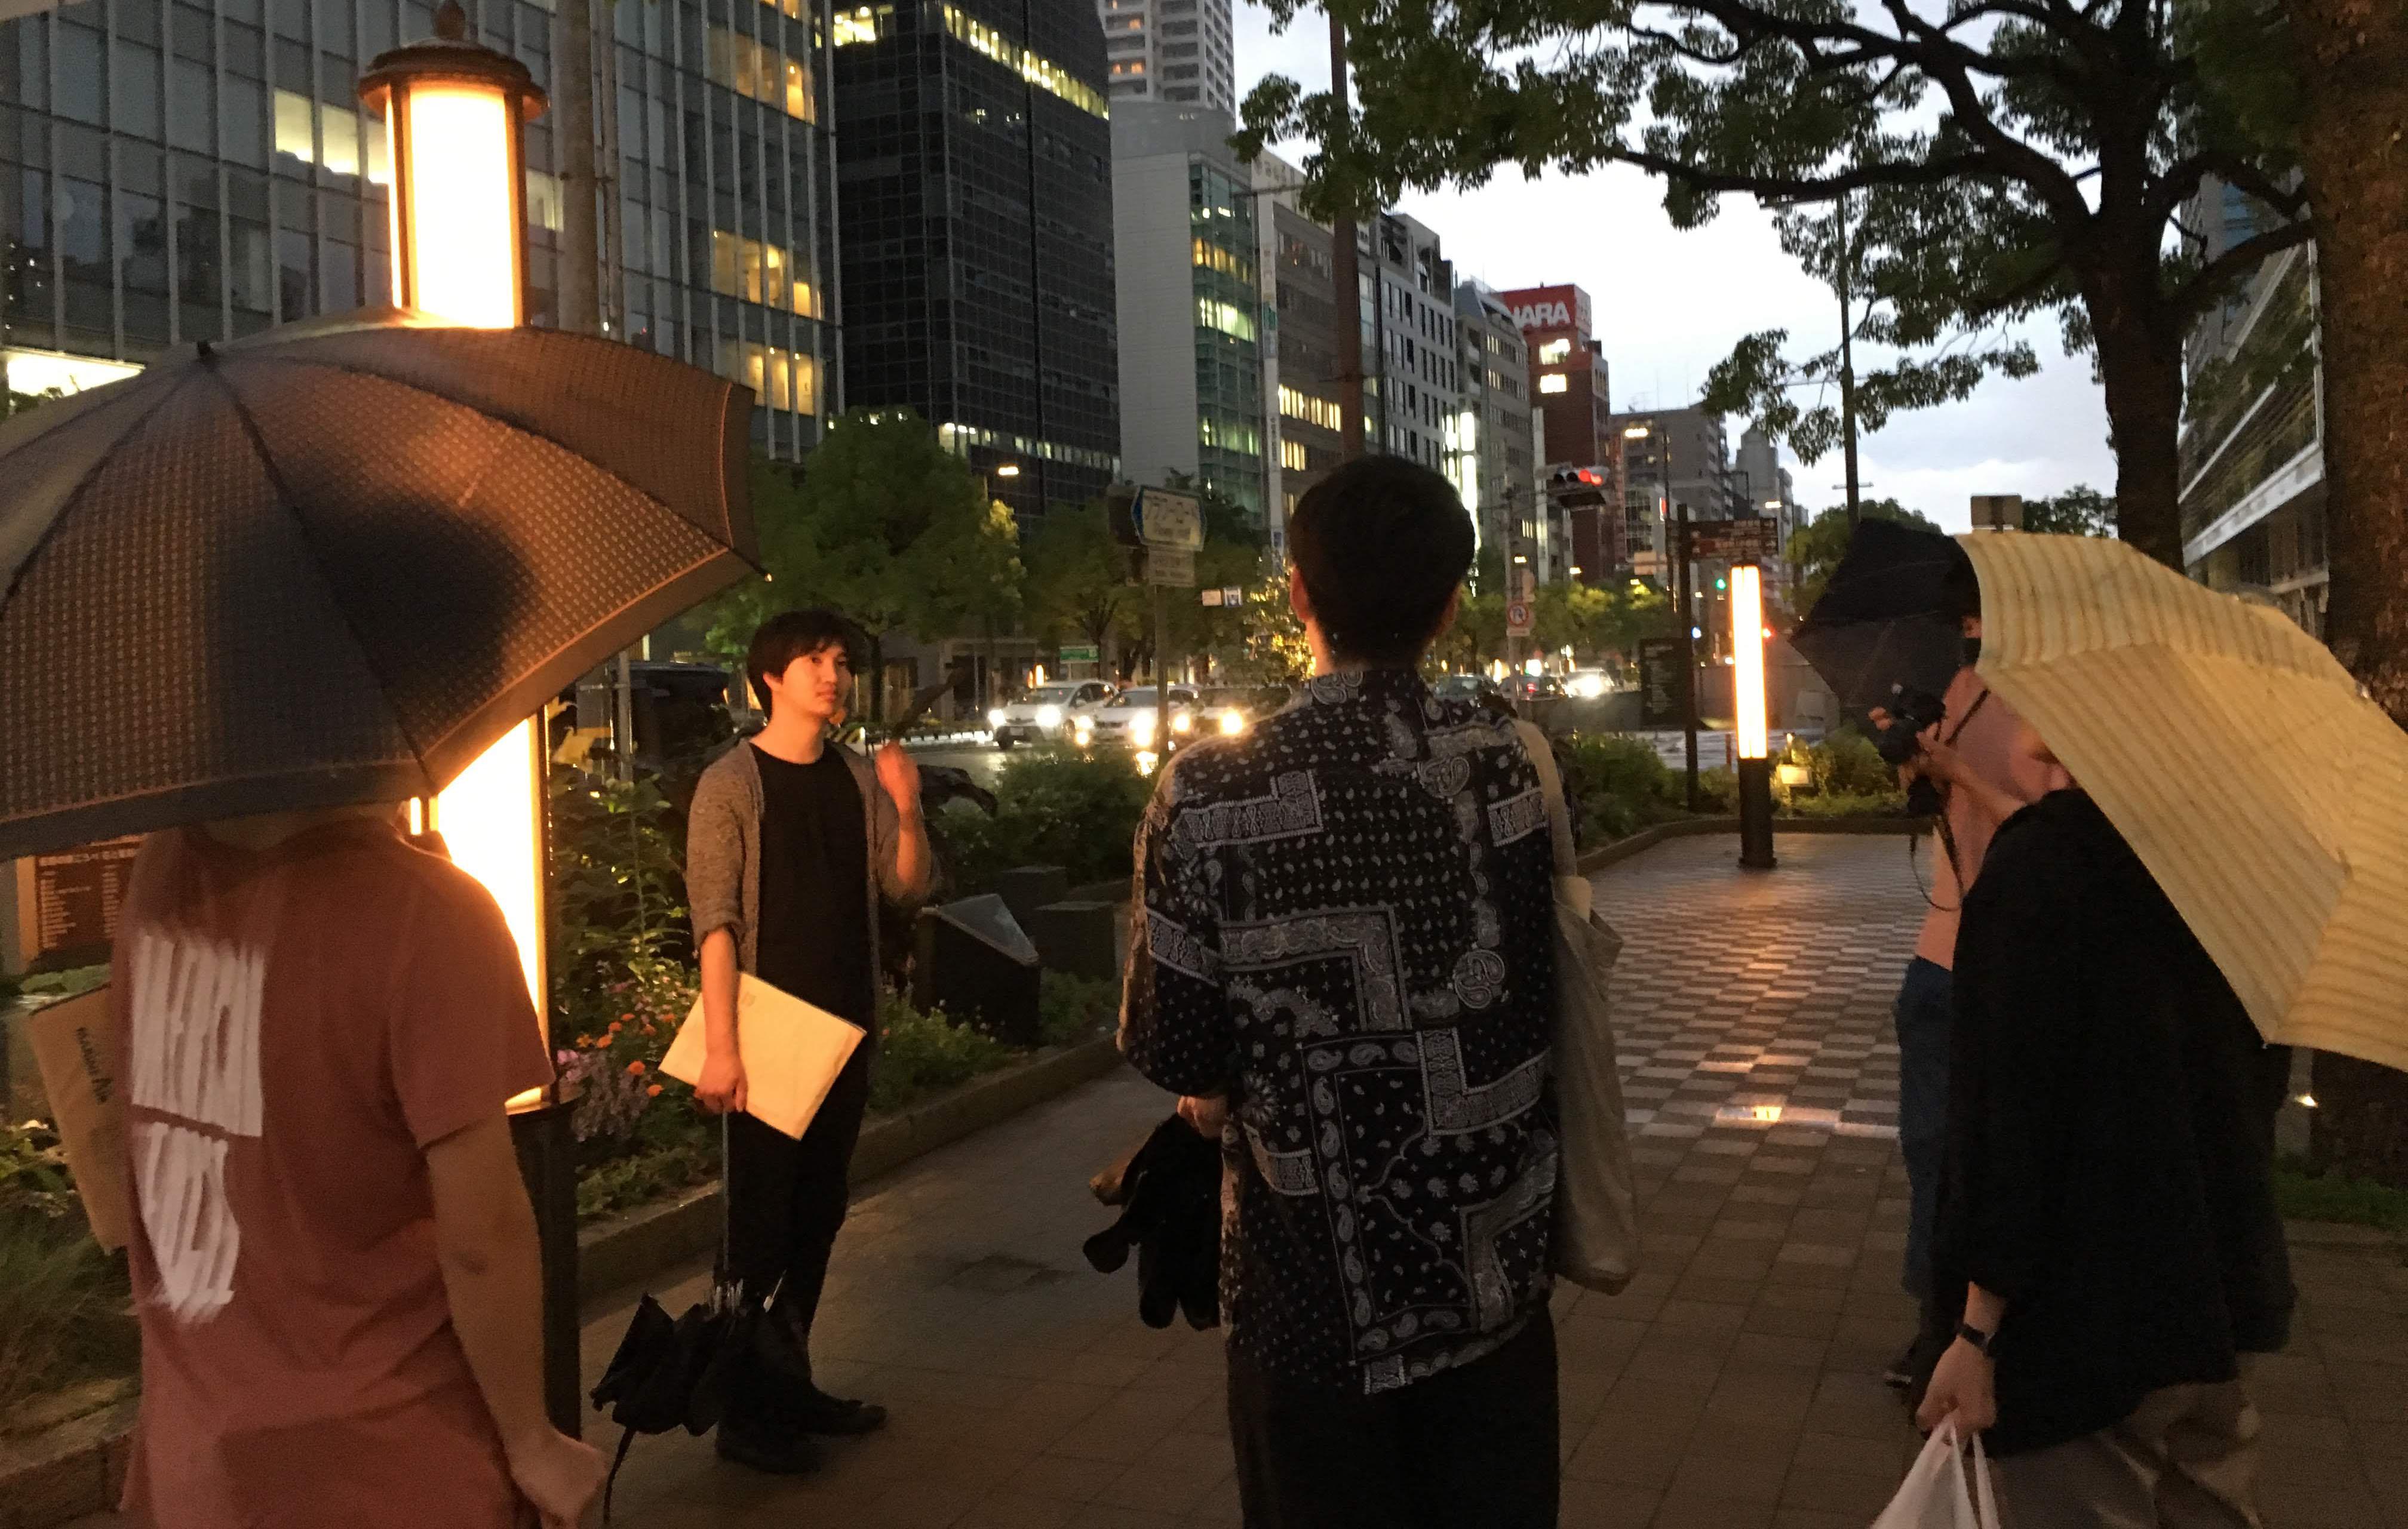 http://ud.t.u-tokyo.ac.jp/blog/_images/s0.jpg